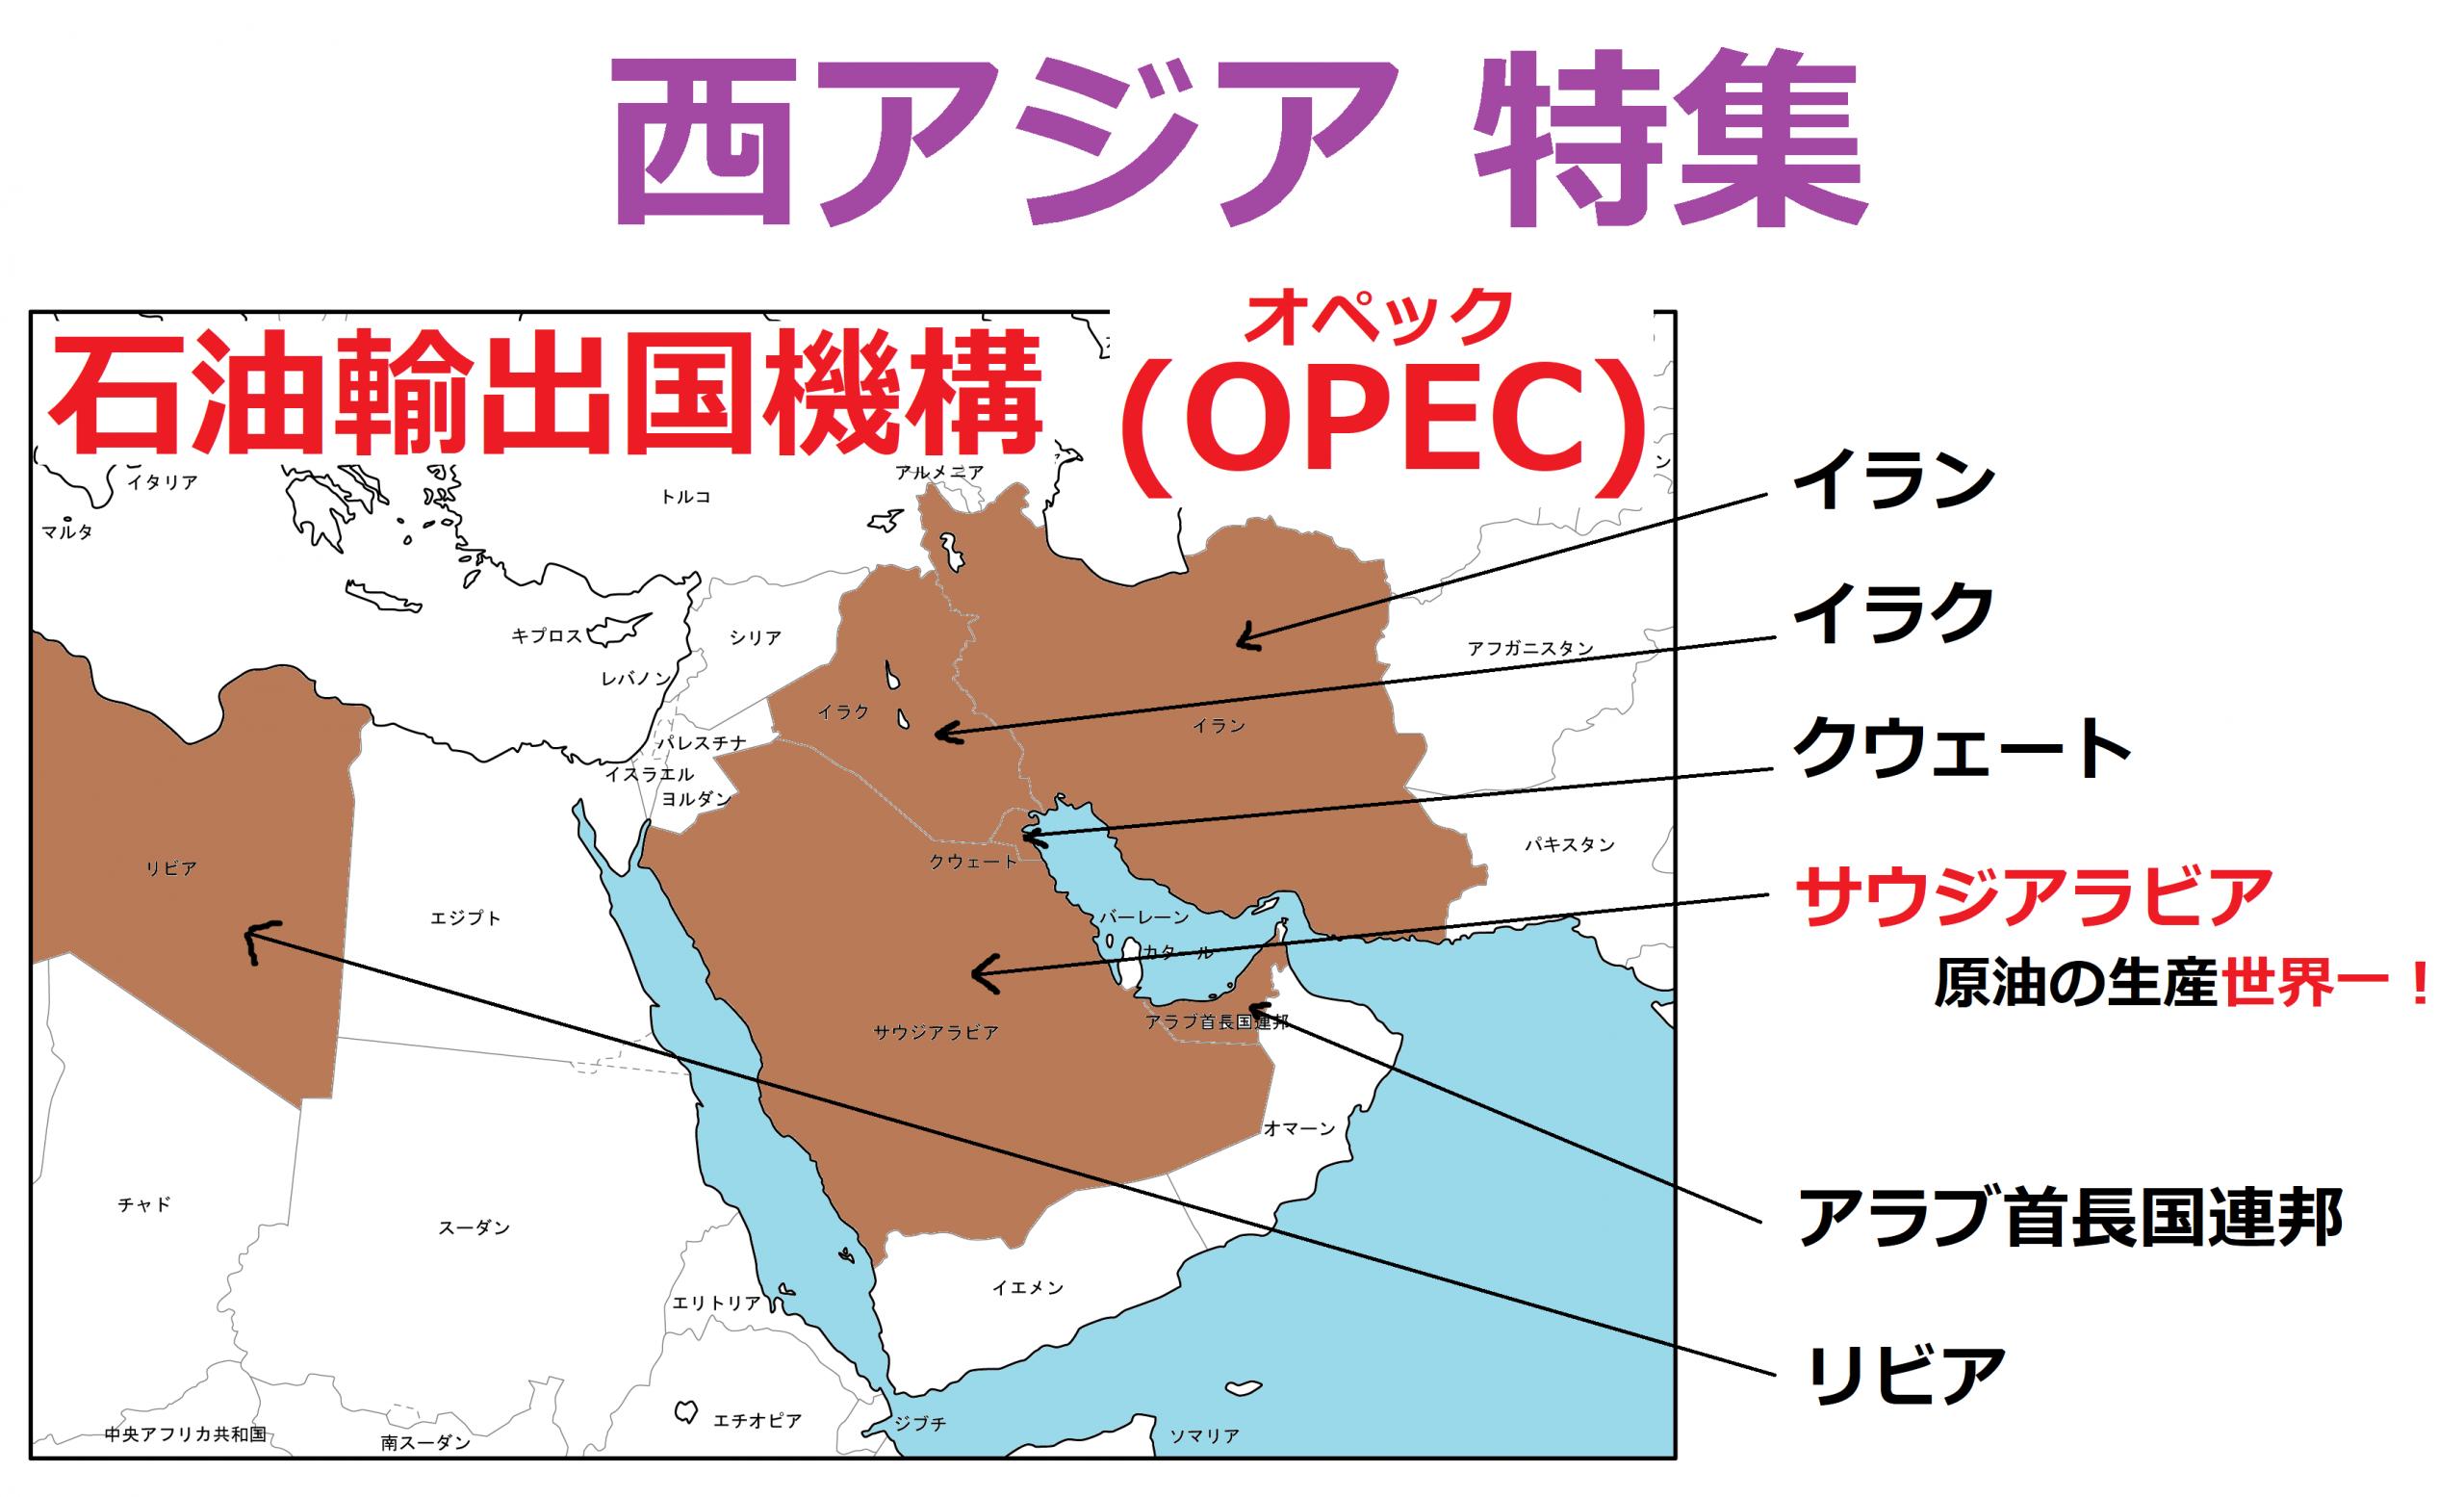 西アジアが出題されたらOPECだ! | インターネット家庭教師のアスミラ